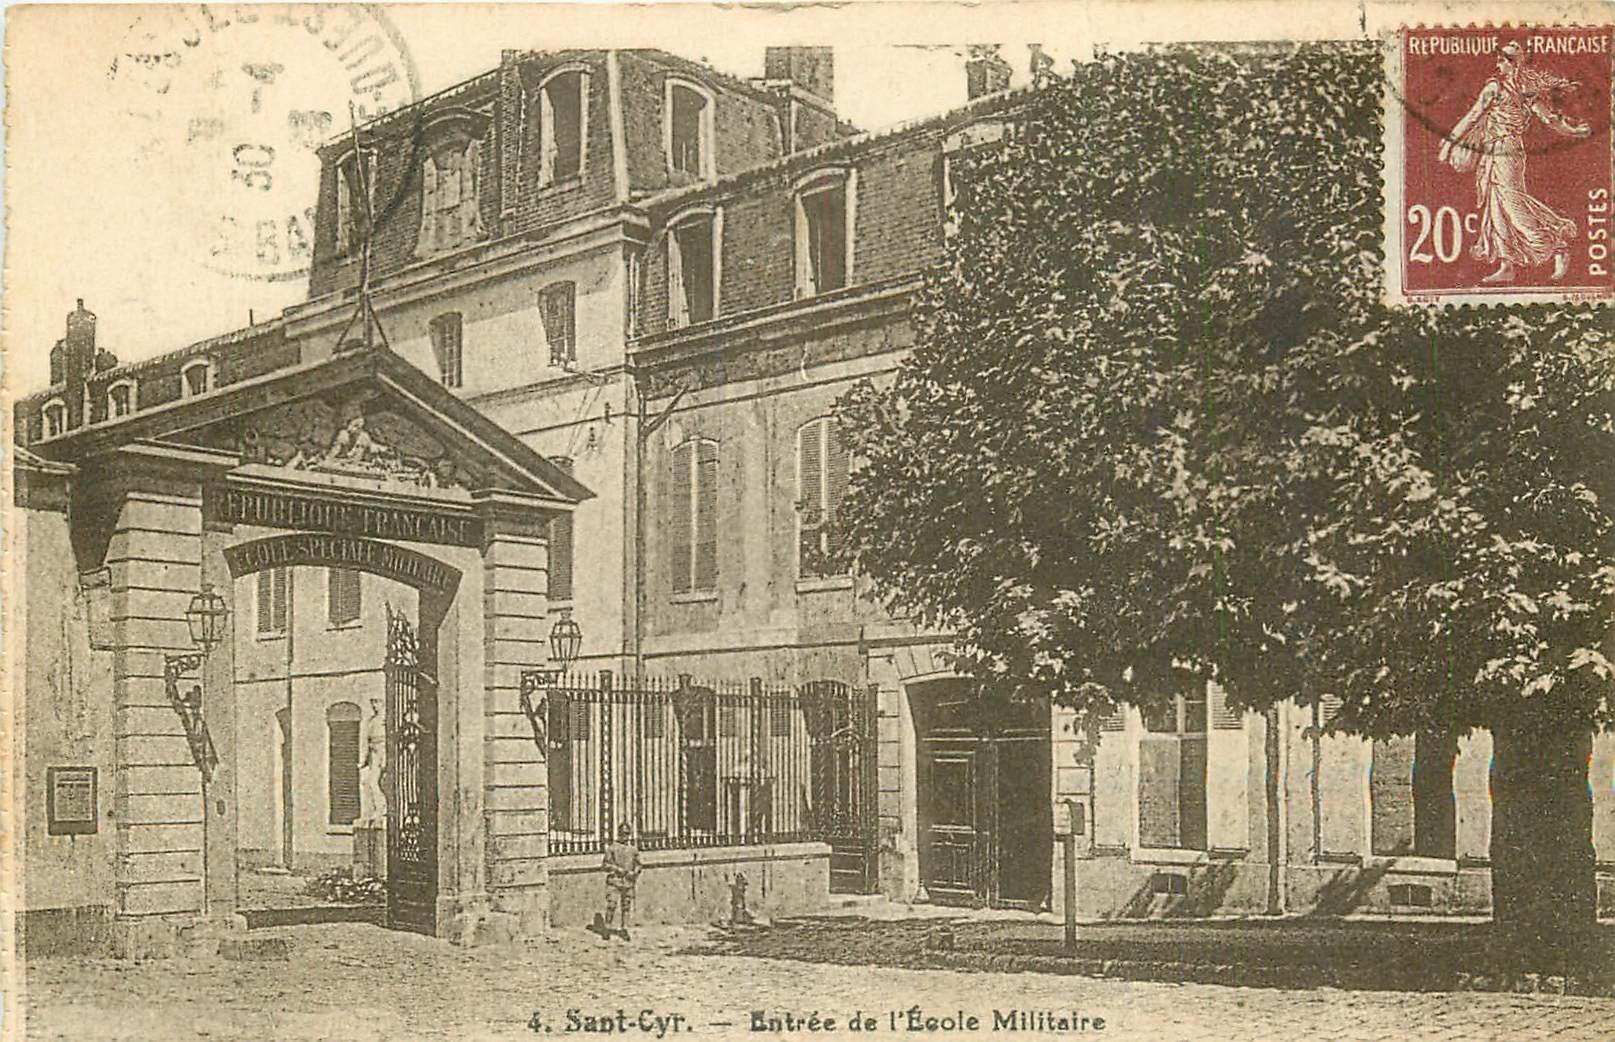 78 SAINT-CYR. Entrée de l'Ecole Militaire vers 1923